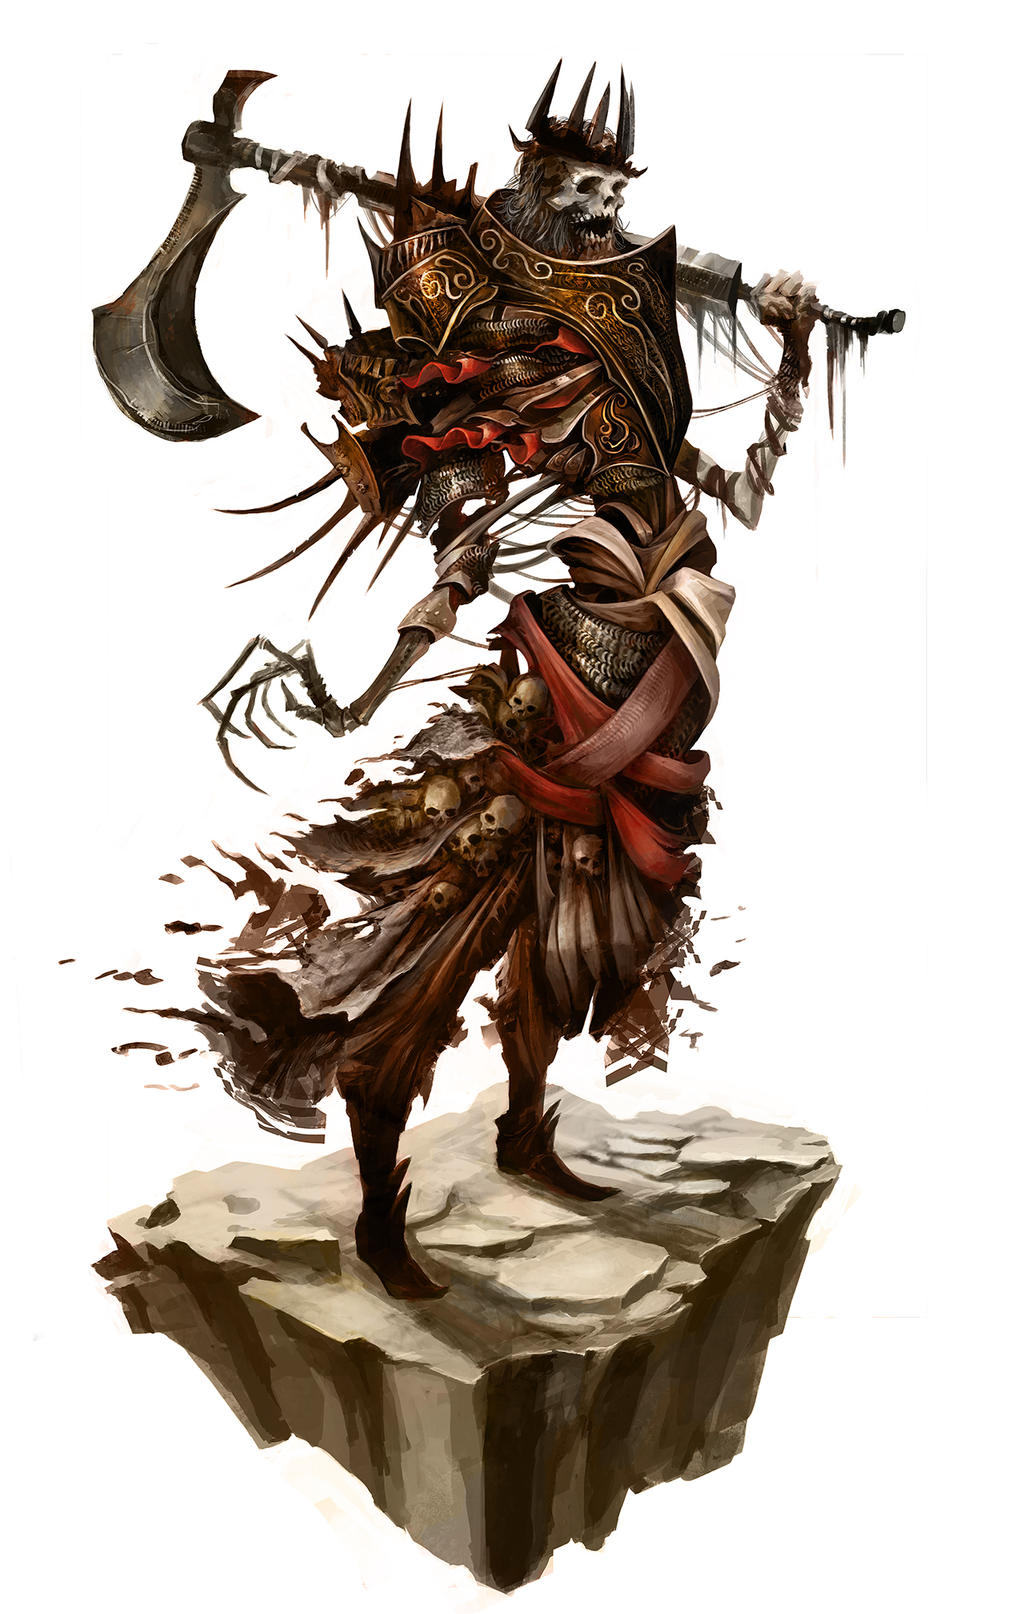 Galeria de Arte: Ficção & Fantasia 1 - Página 2 King_urgl___the_axe_butchor_by_eyardt-d7onfcc